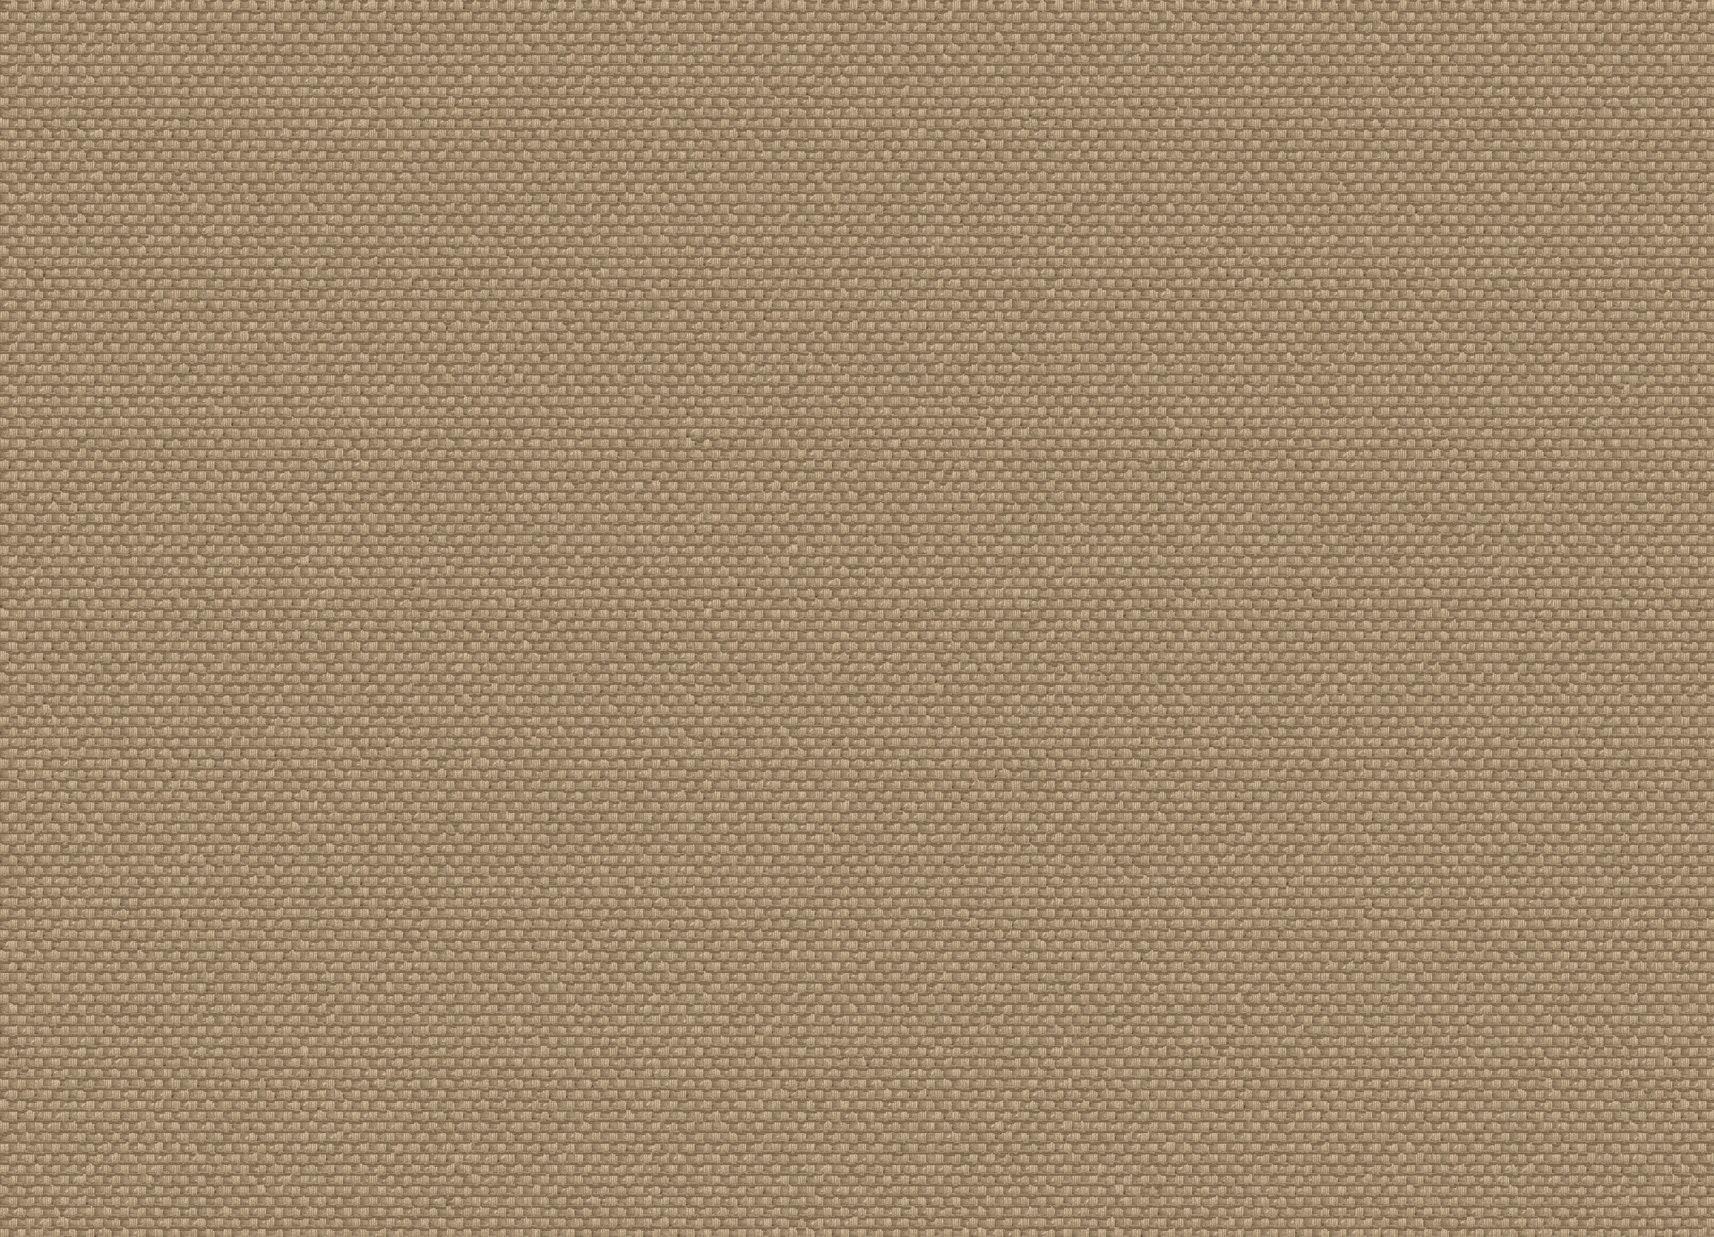 Tissu d'ameublement extérieur intérieur la Outdura par la intérieur Cour ~ rumeur champignon e00cf1